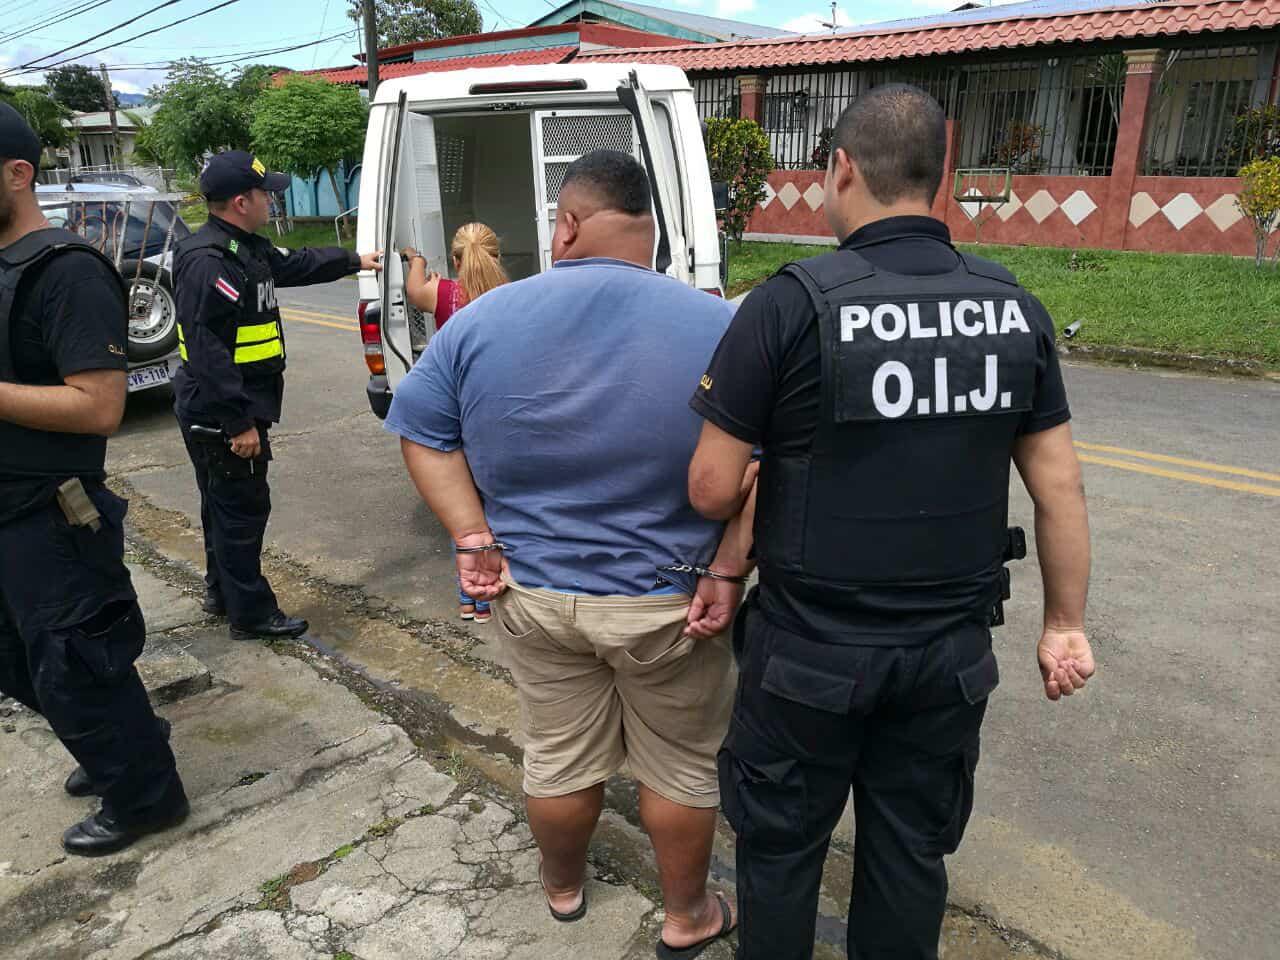 OIJ raids Pérez Zeledón